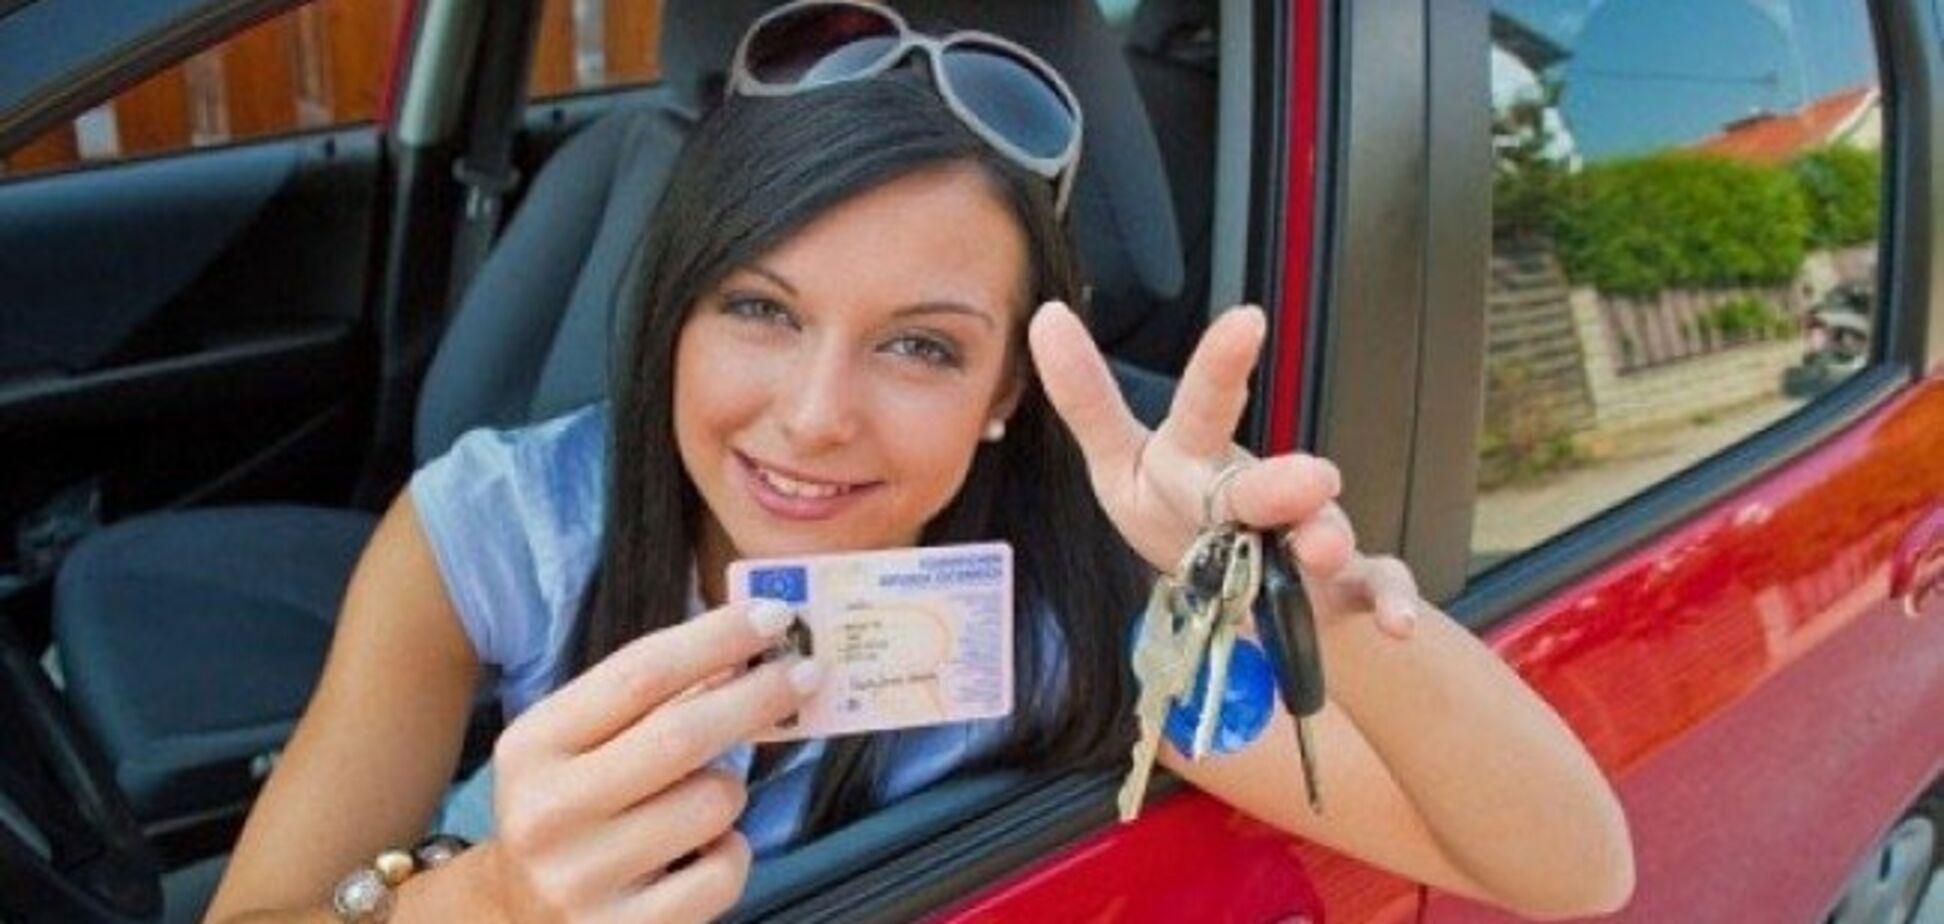 Ездить без прав: для водителей есть отличная новость